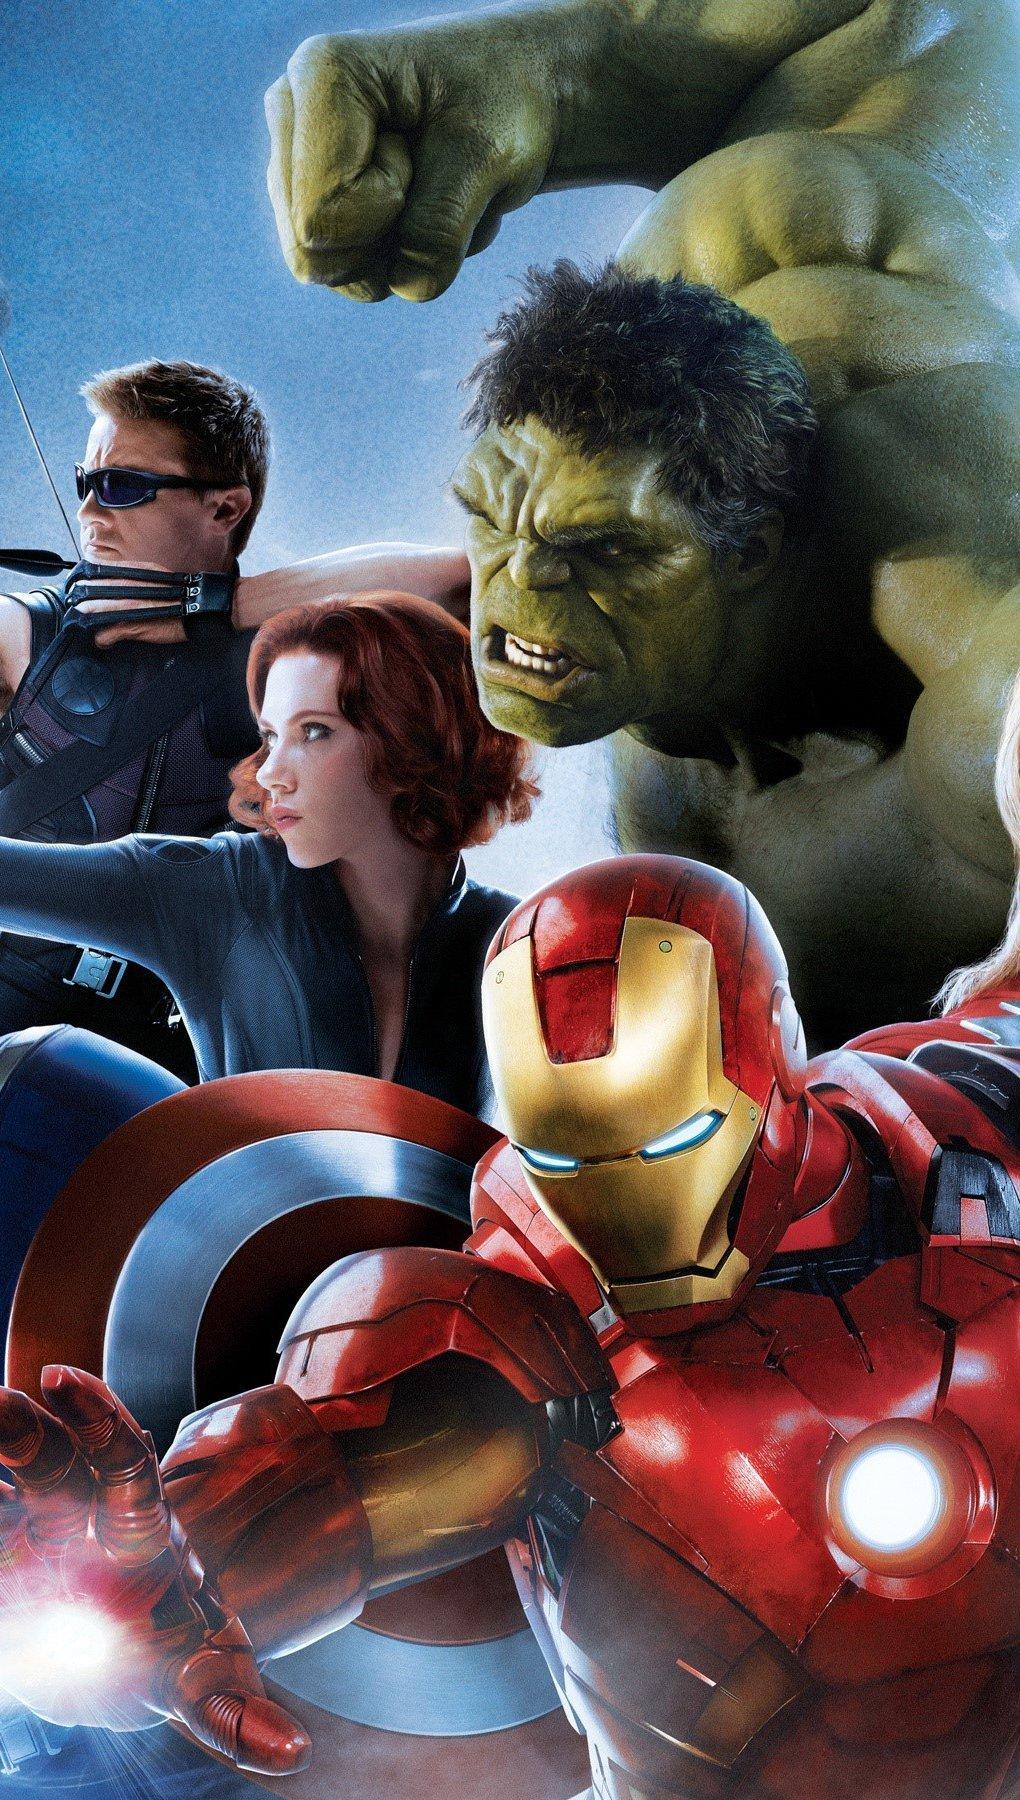 Fondos de pantalla Avengers 2 Age of Ultron Vertical